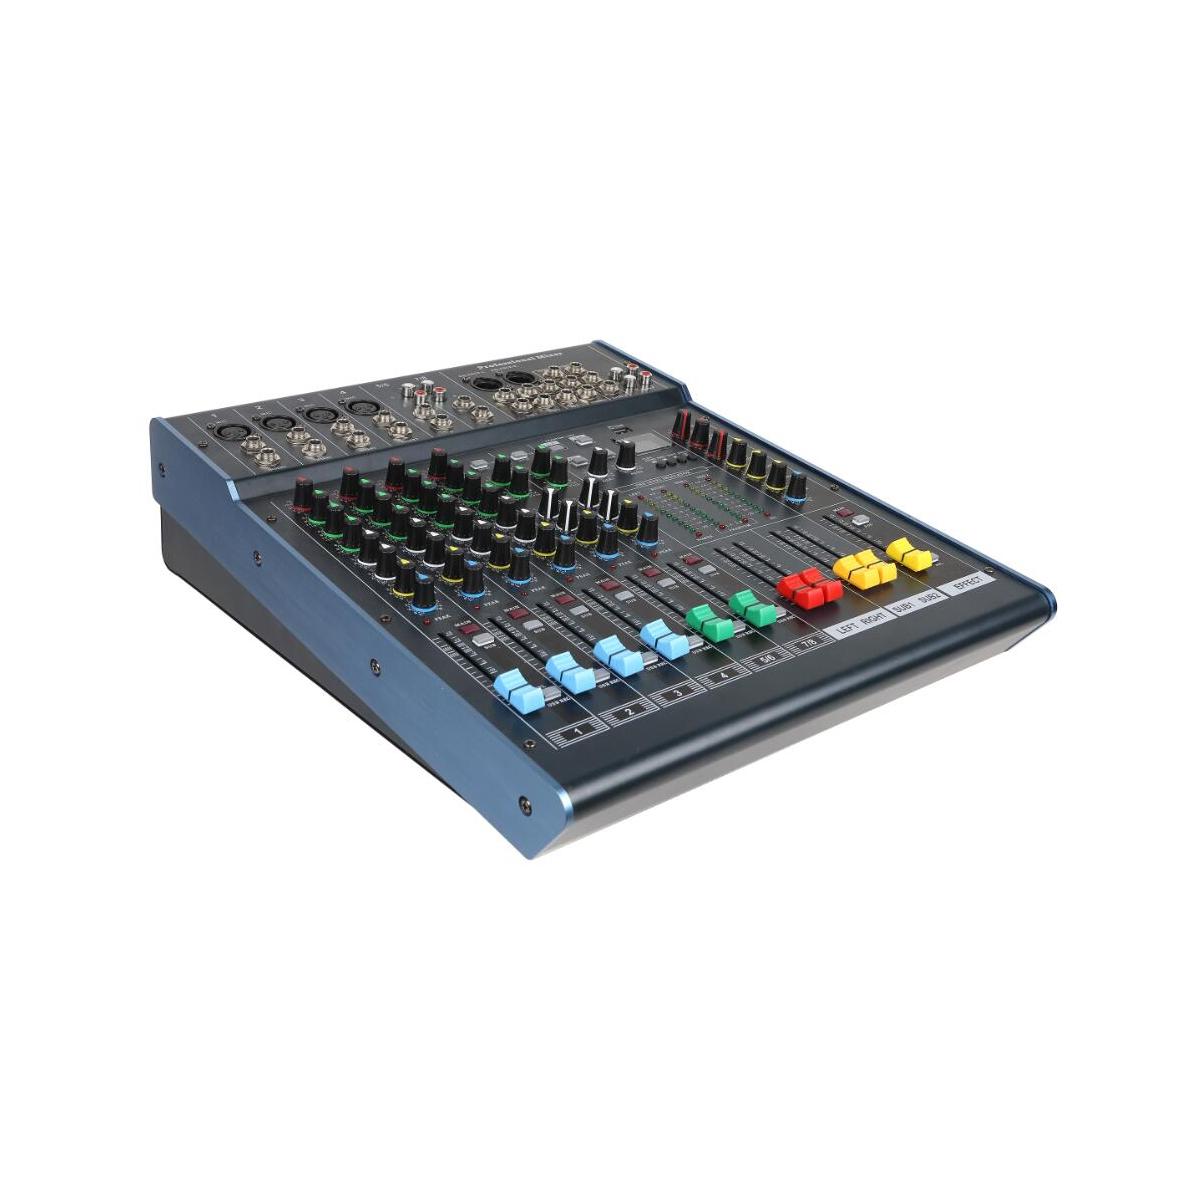 8路专业调音台 TDK8/2 音视频、灯光、家庭影院 报告厅、现代电声乐队演奏调音台